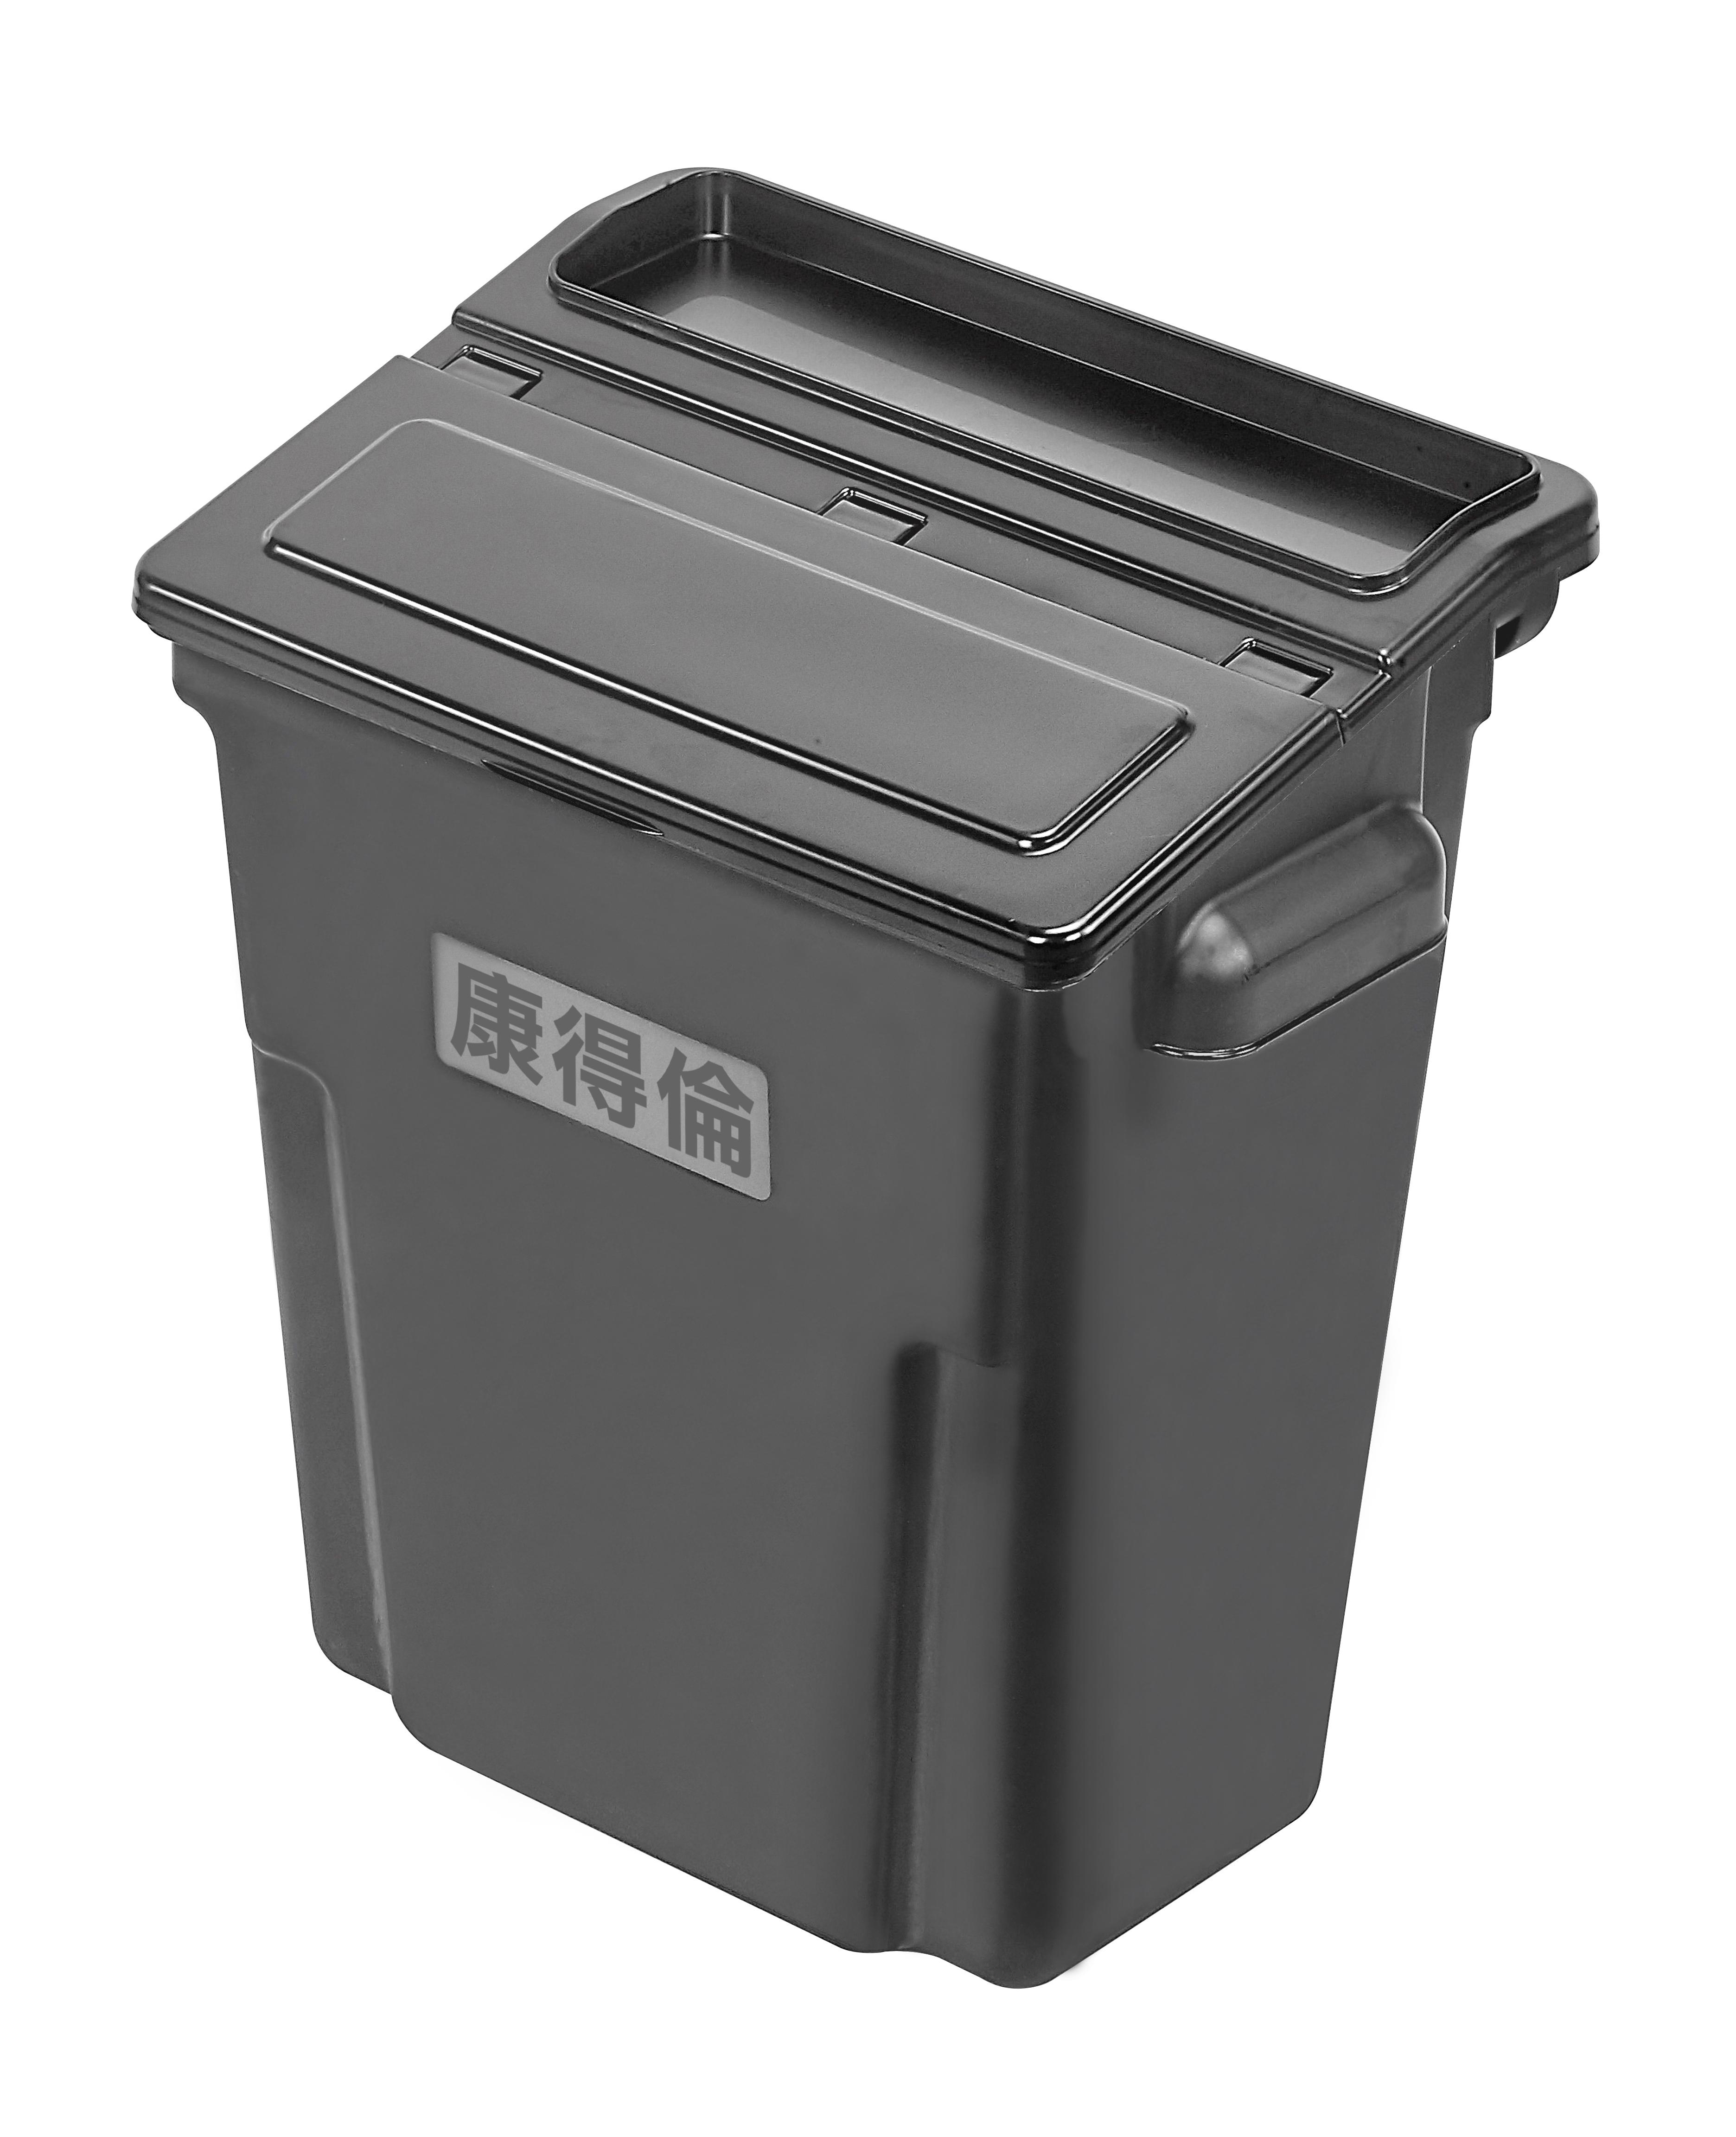 新版-推車配件(加蓋中掛桶)KT-508USC 工作推車 房務車 餐飲清潔車 方便清潔 抗菌易清洗